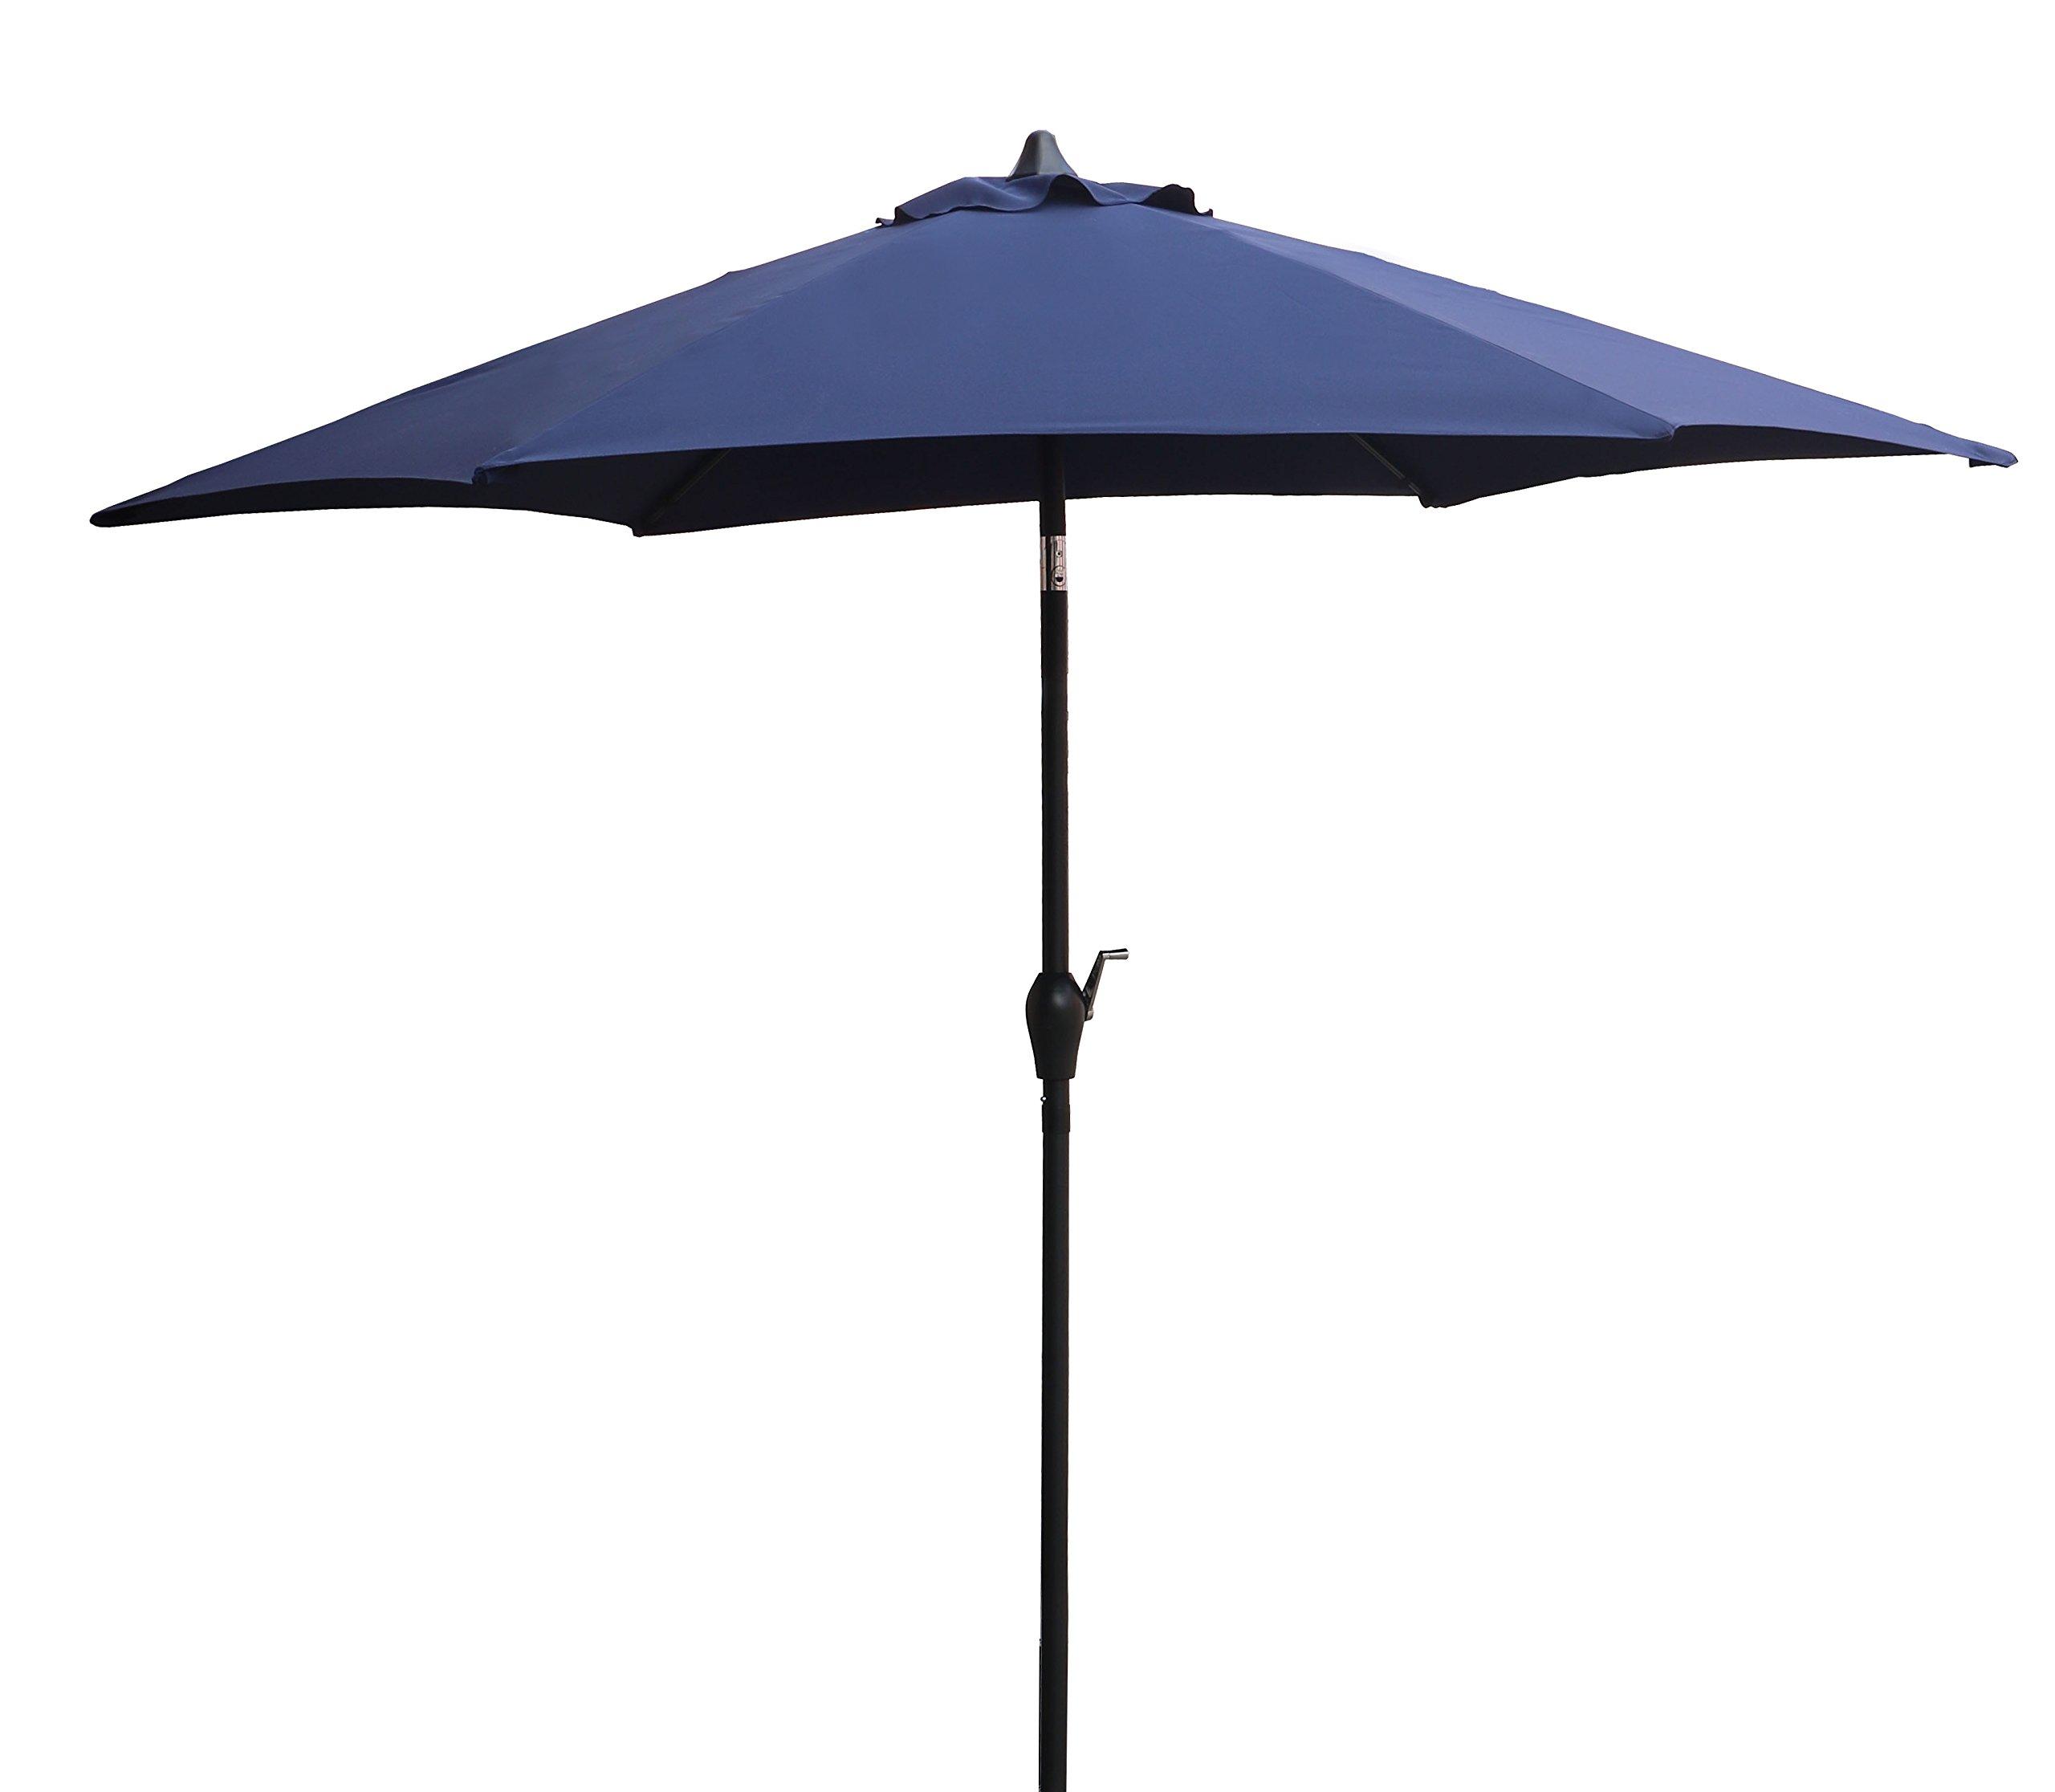 CORAL CASTLE 9' Patio Umbrella (Navy) by CORAL CASTLE (Image #2)